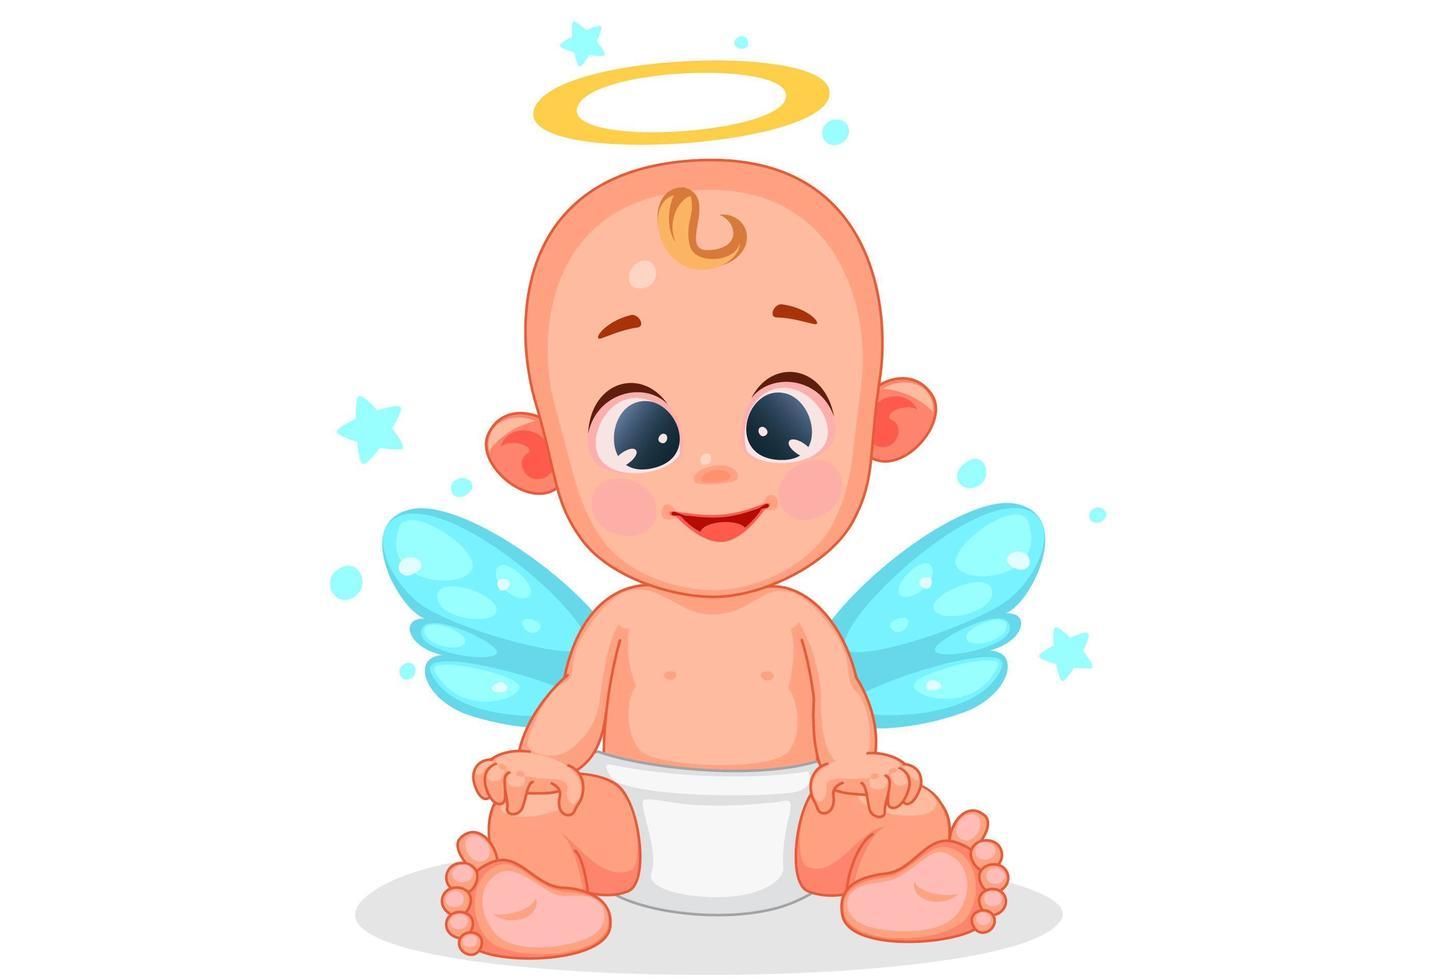 carino angelo bambino con bella espressione vettore